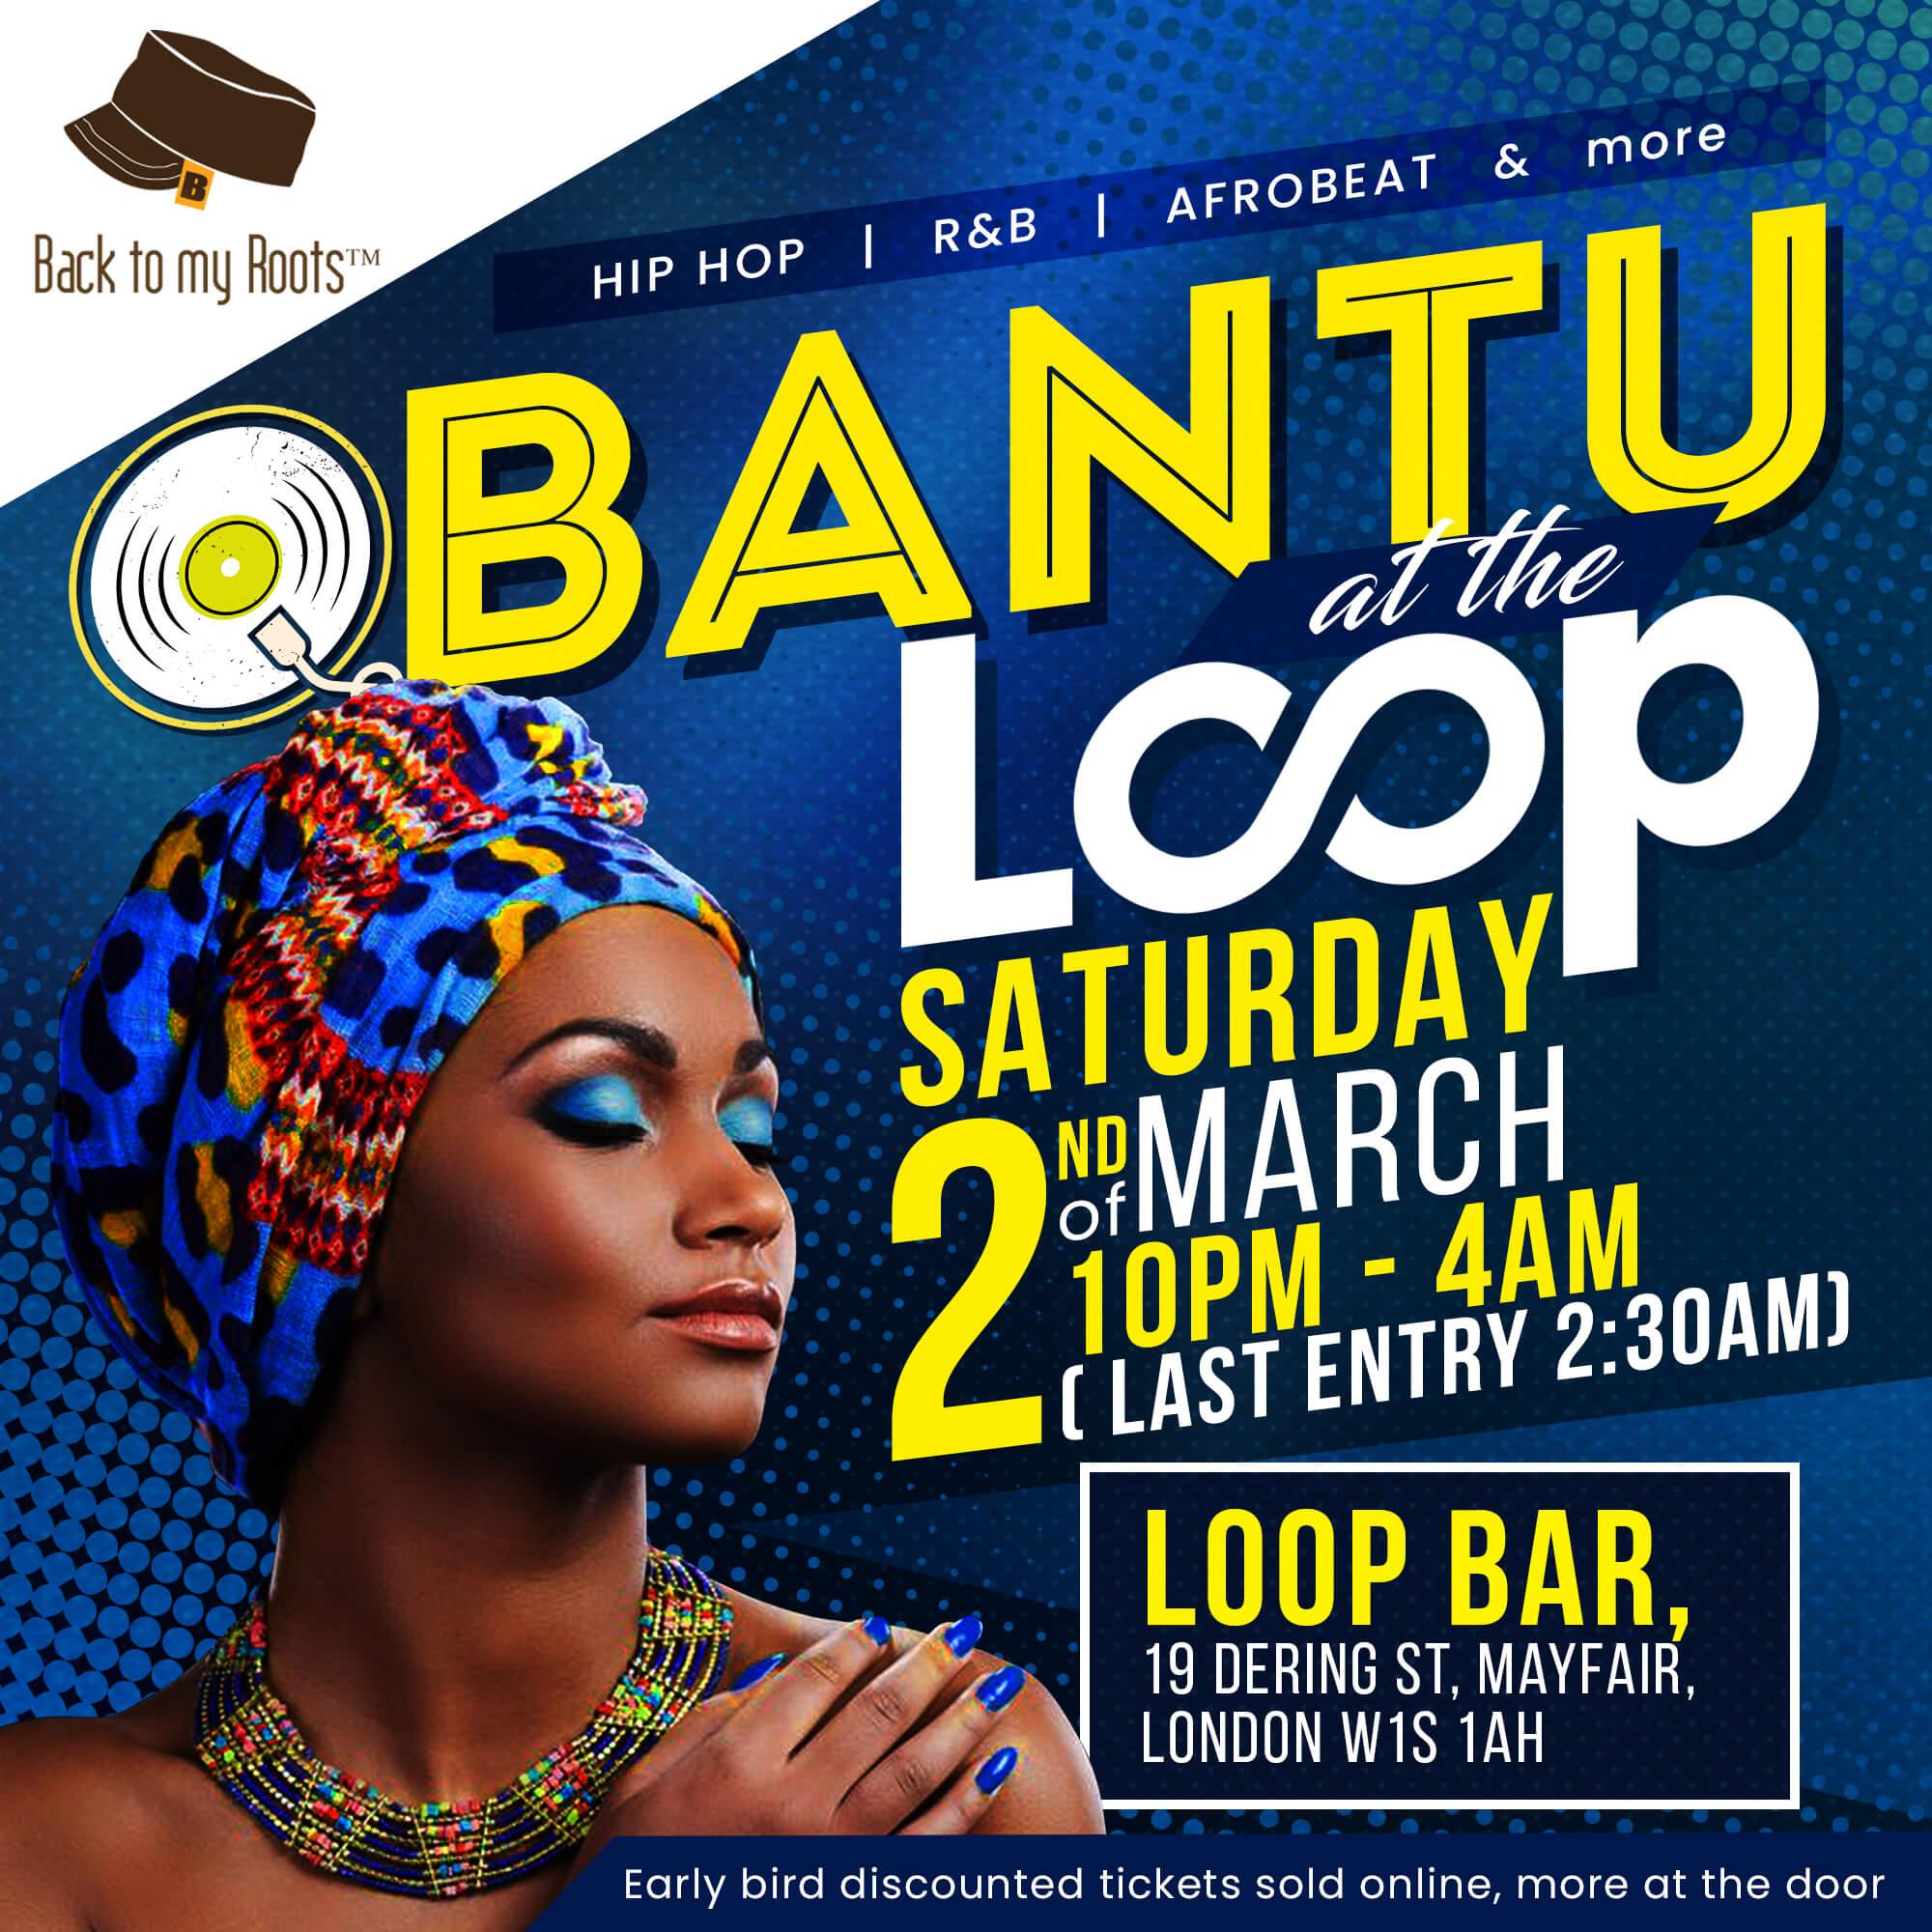 BANTU March at the Loop